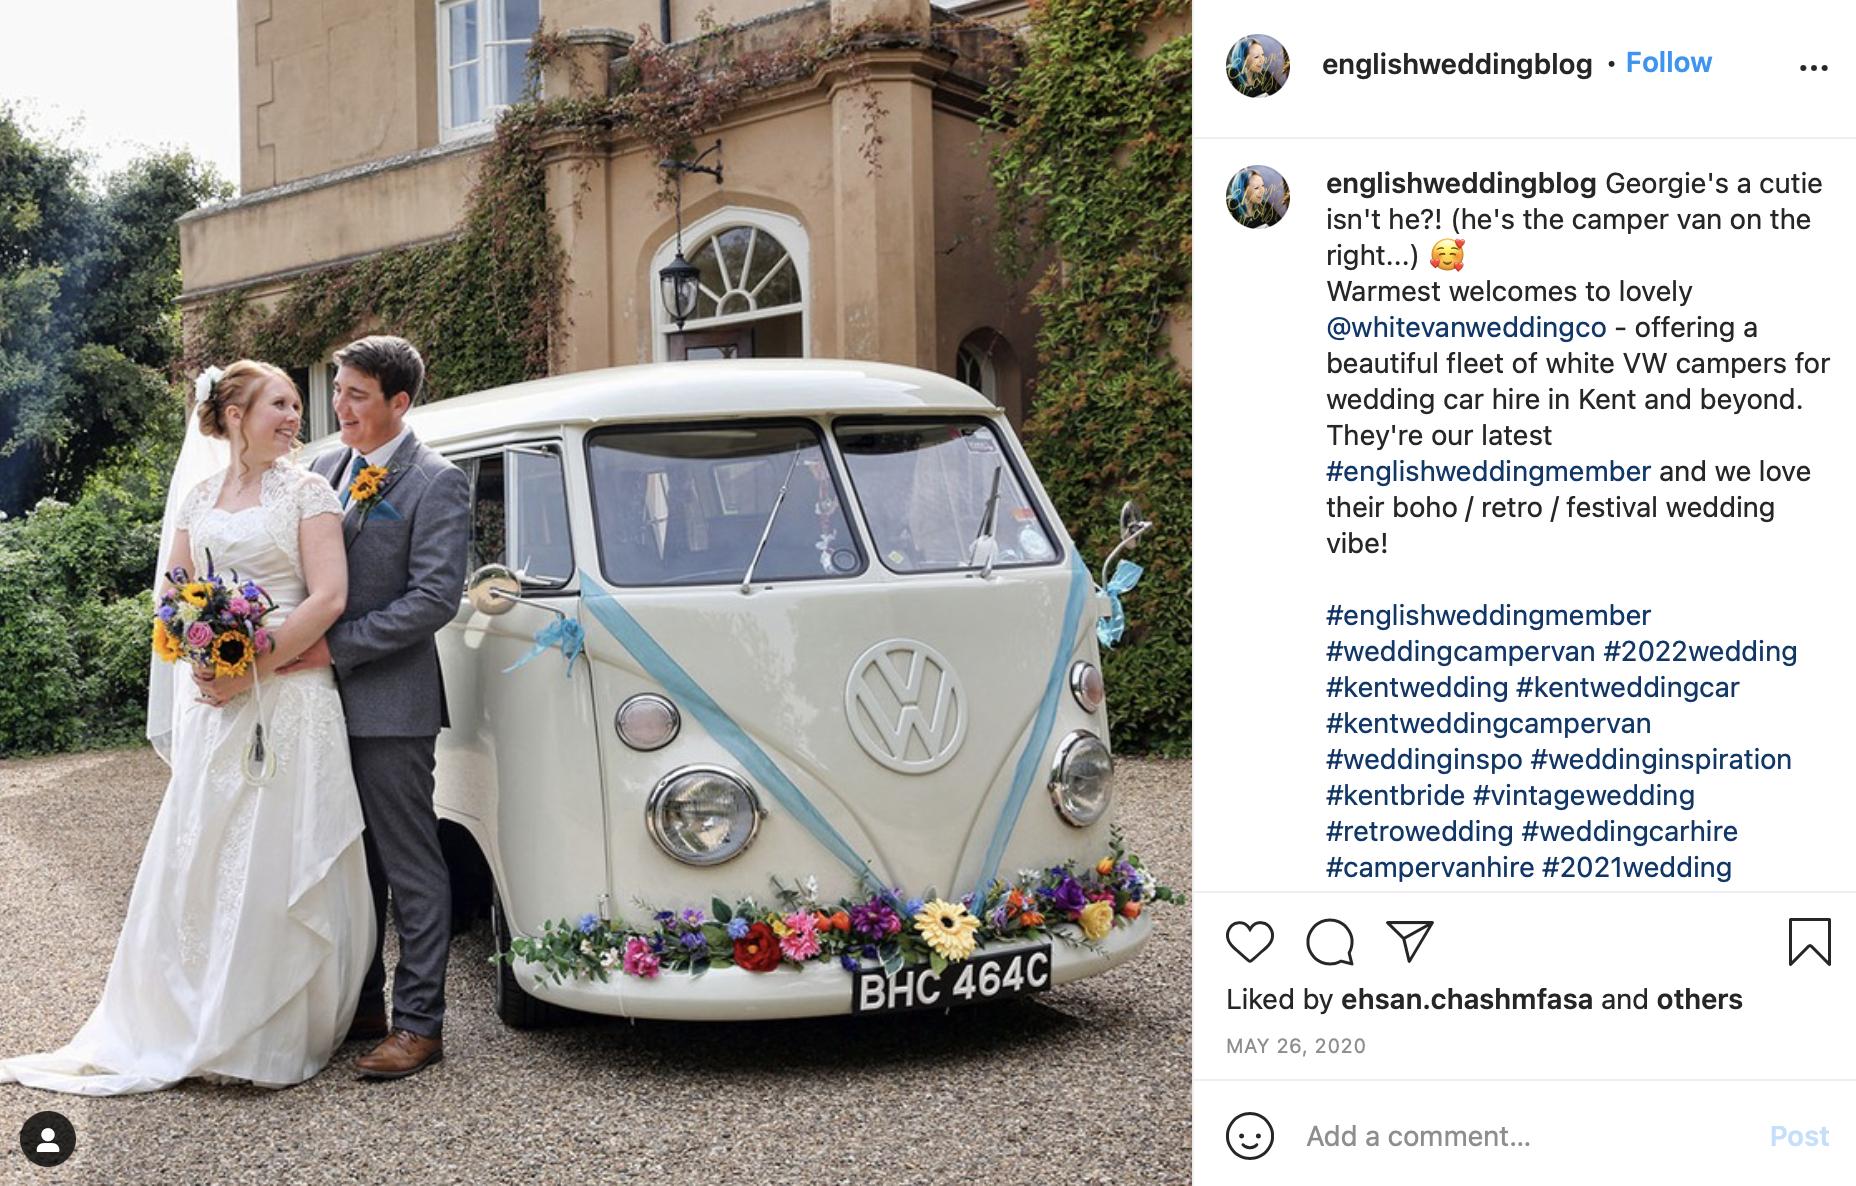 Campervan for wedding car